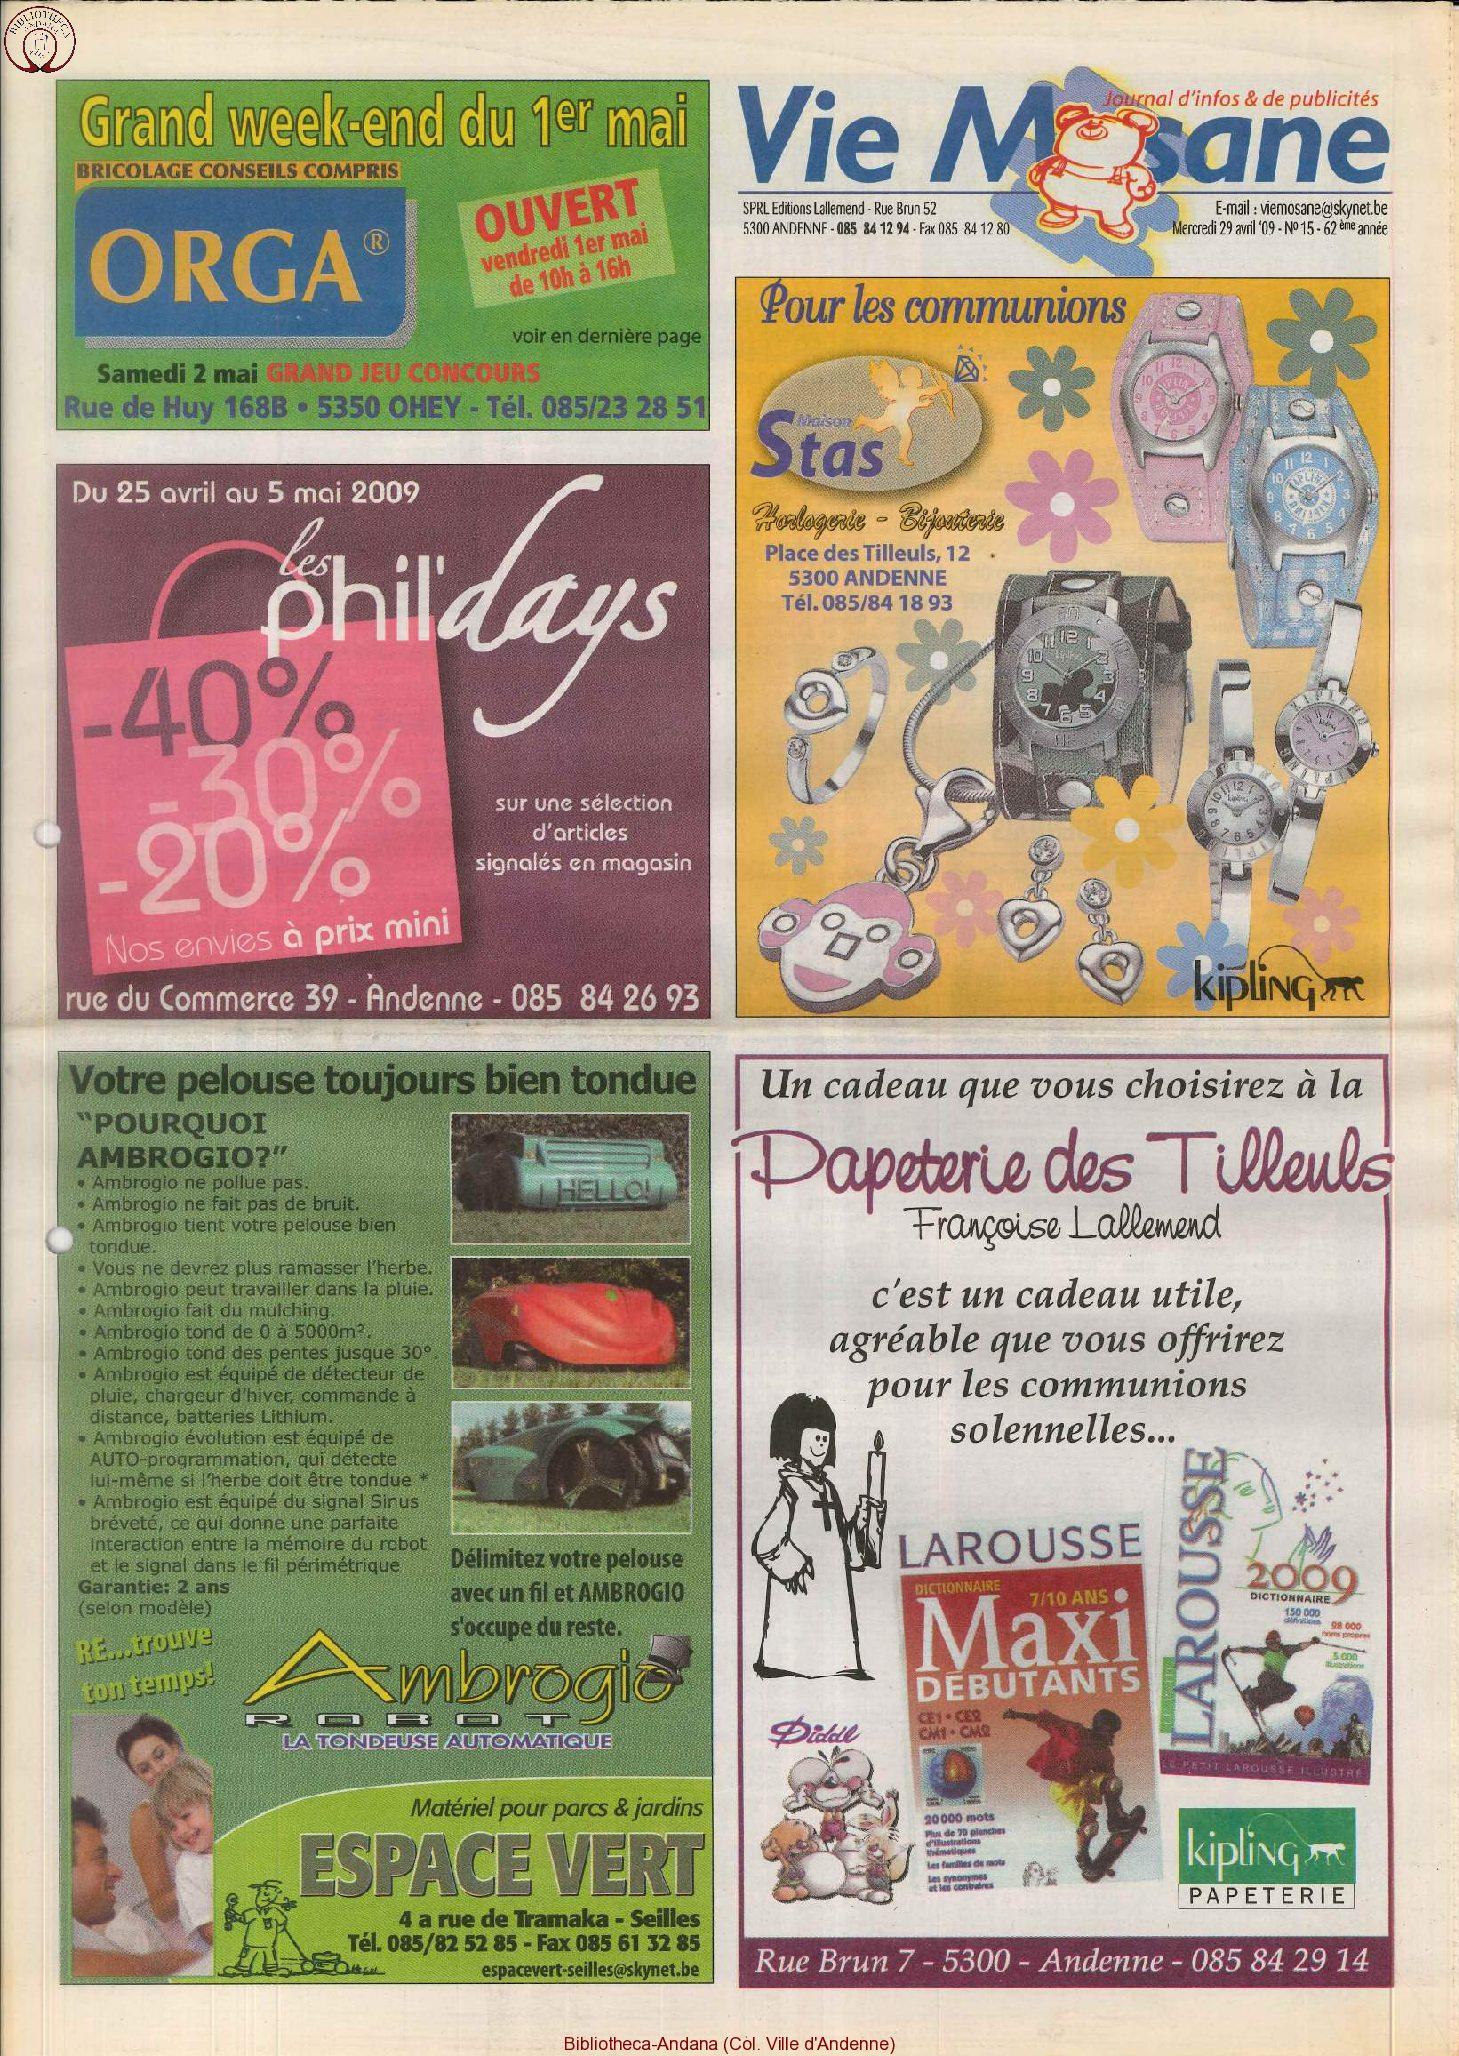 62e année - n°15 - 29 avril 2009